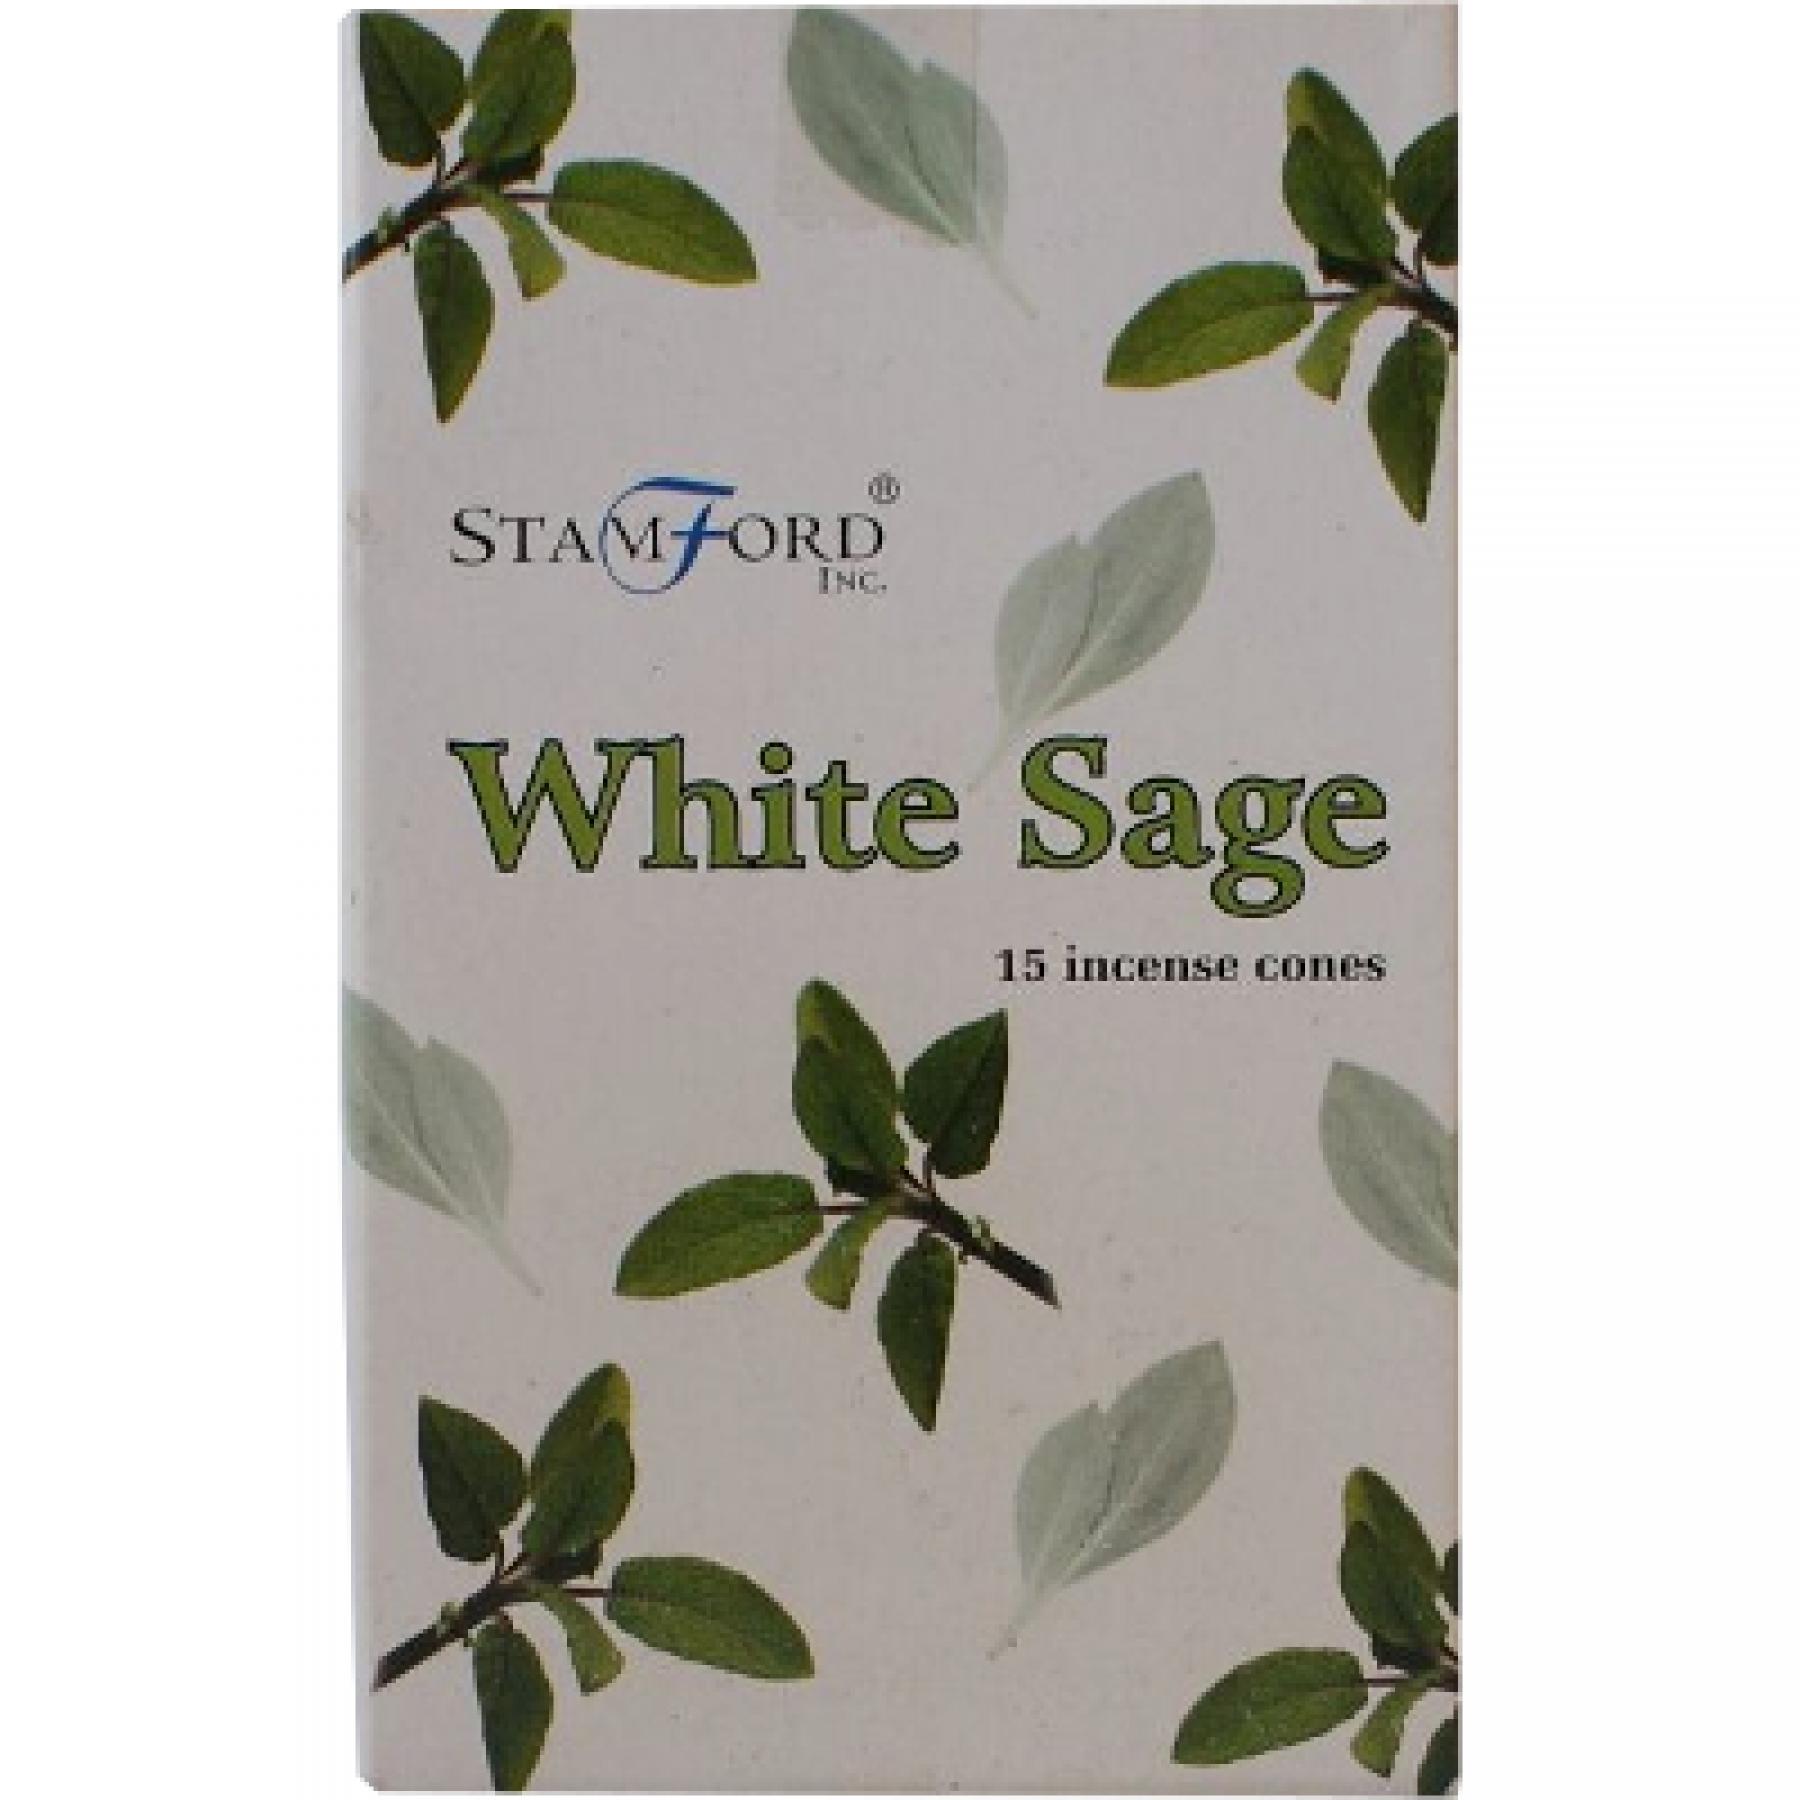 Incenso Cone - White Sage